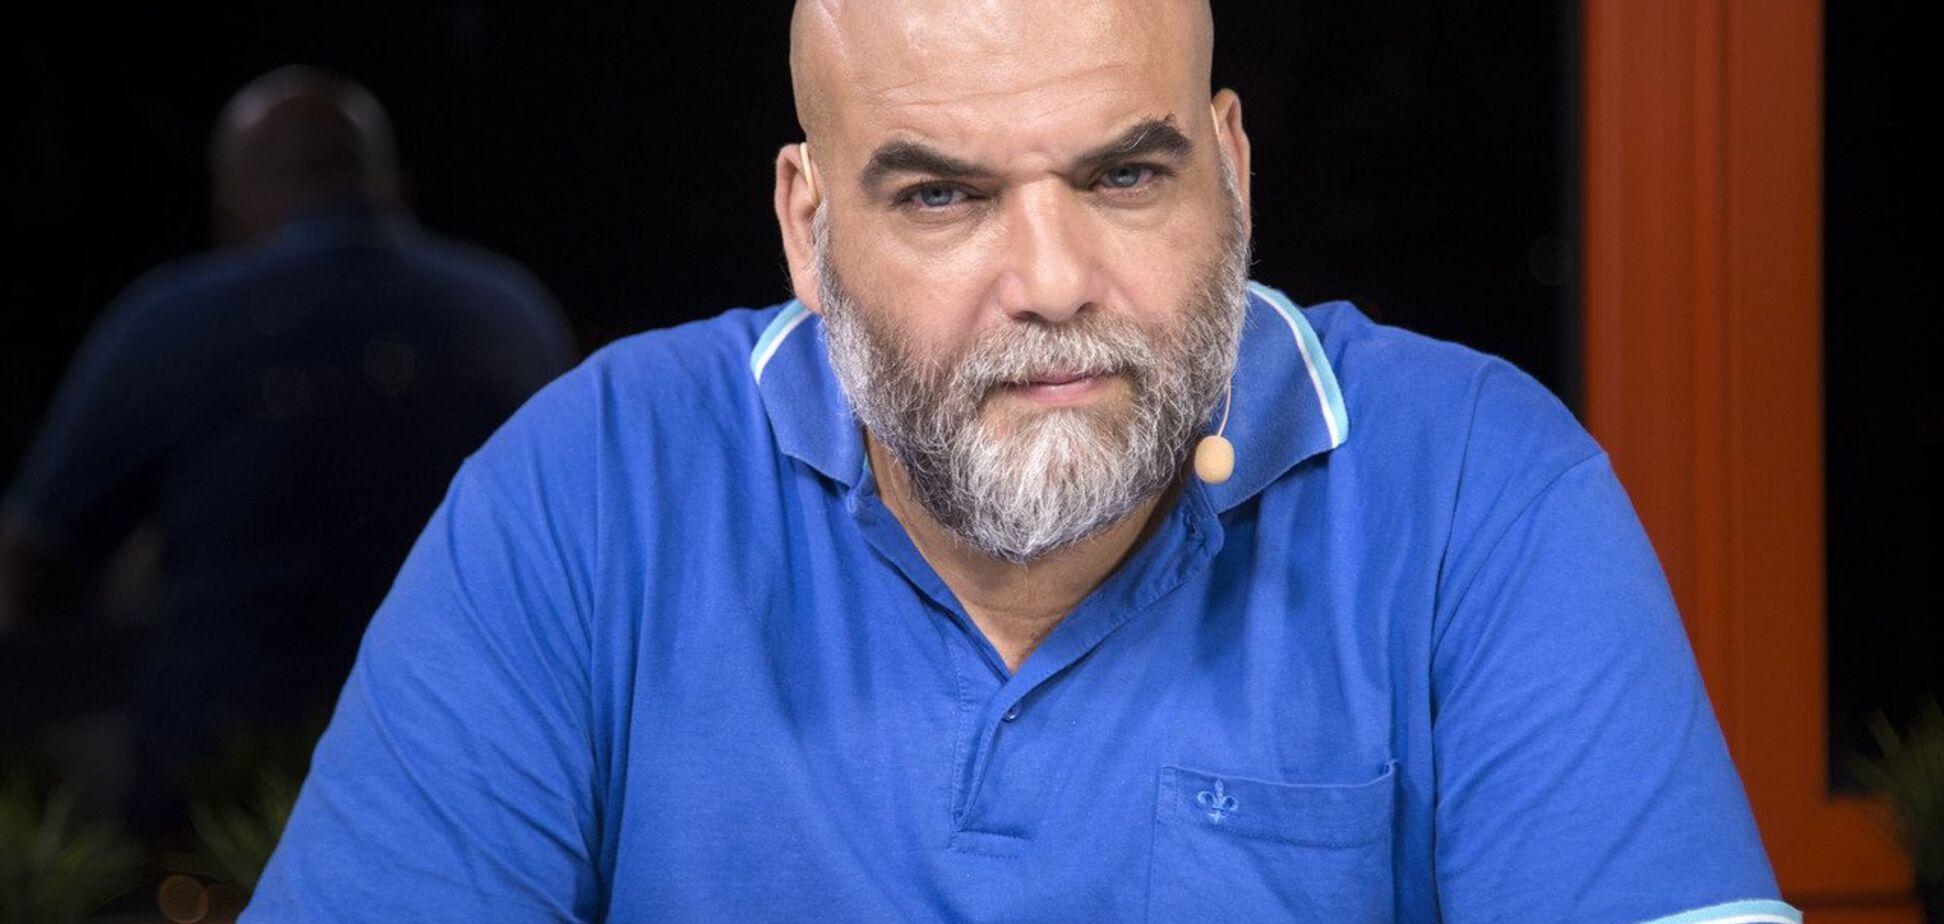 'Вертел всю гидоту на болту': Бабченко рассказал, как погибший Джемаль ненавидел РФ